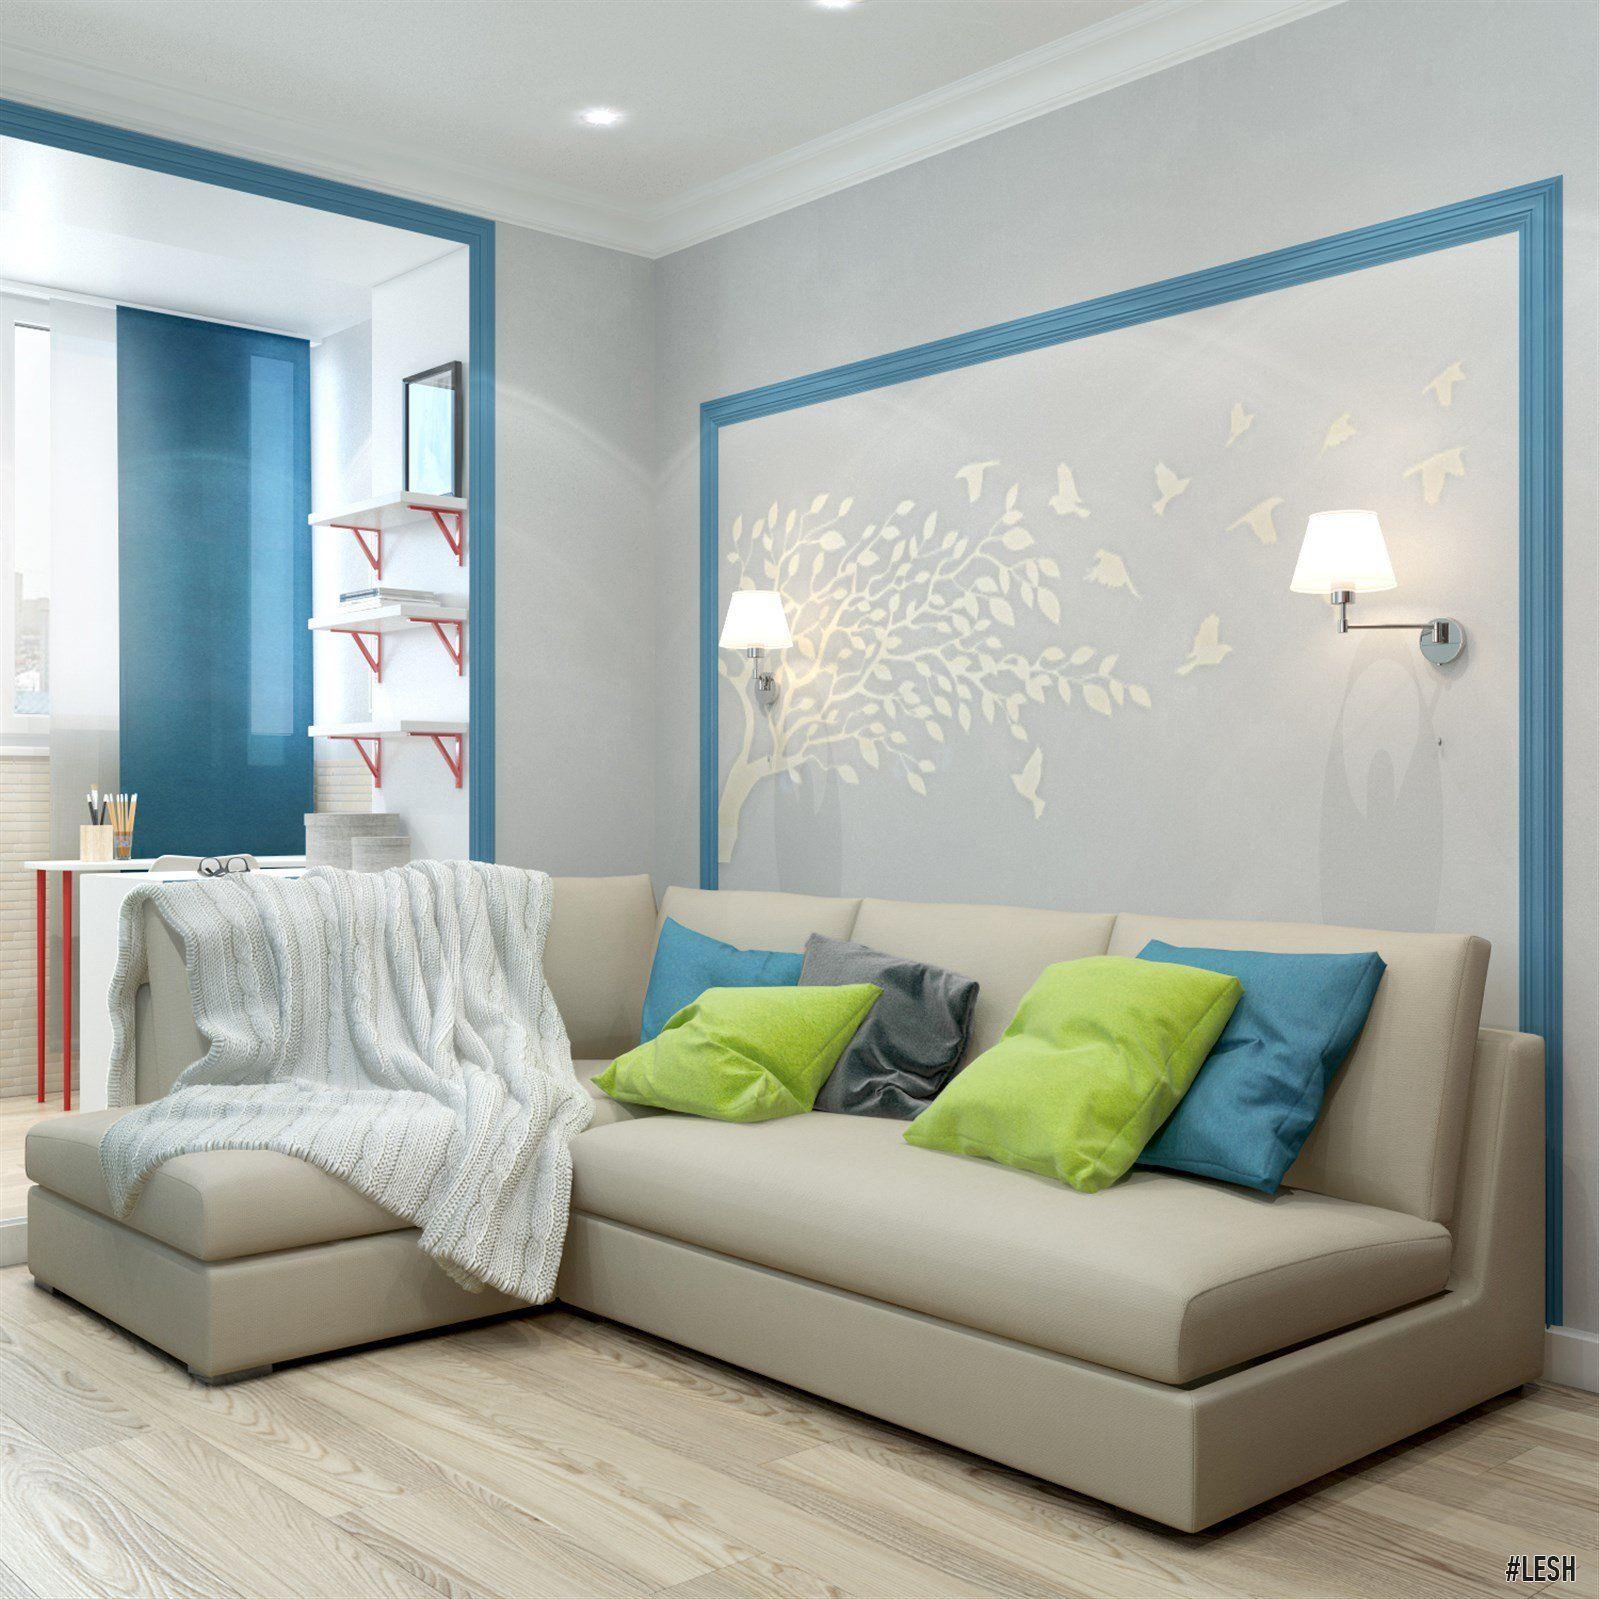 Интерьер жилого дома Галерея 3dddru: Дизайн квартиры в ЖК «Академ-Парк»